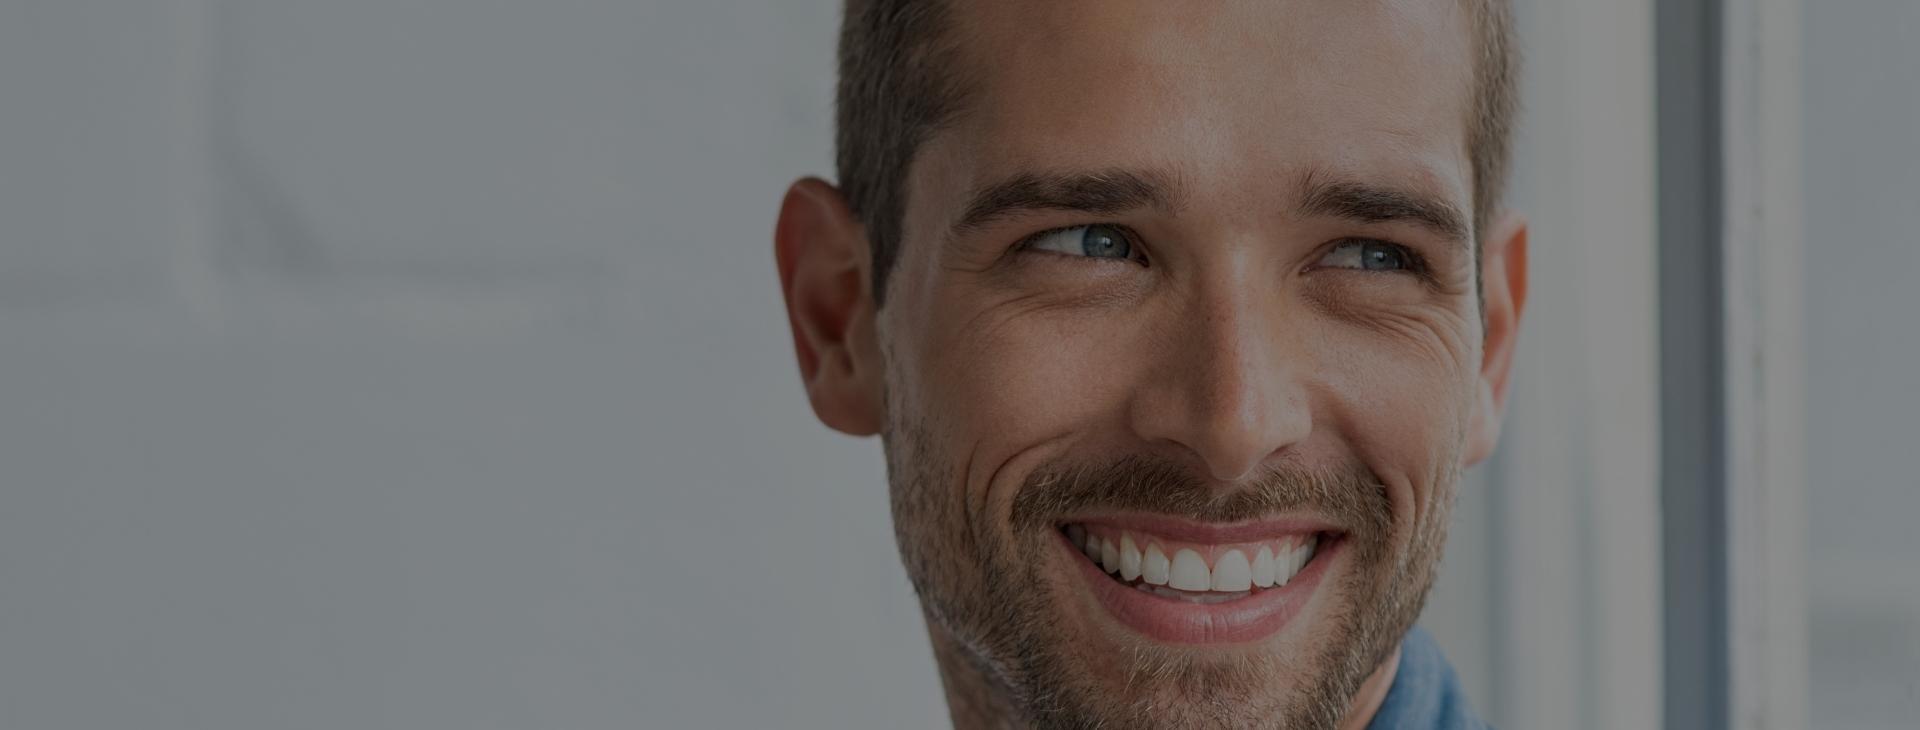 Votre dentiste pourrait suggérer la pose d'un scellant dentaire afin de vous offrir une protection supplémentaire contre la carie.